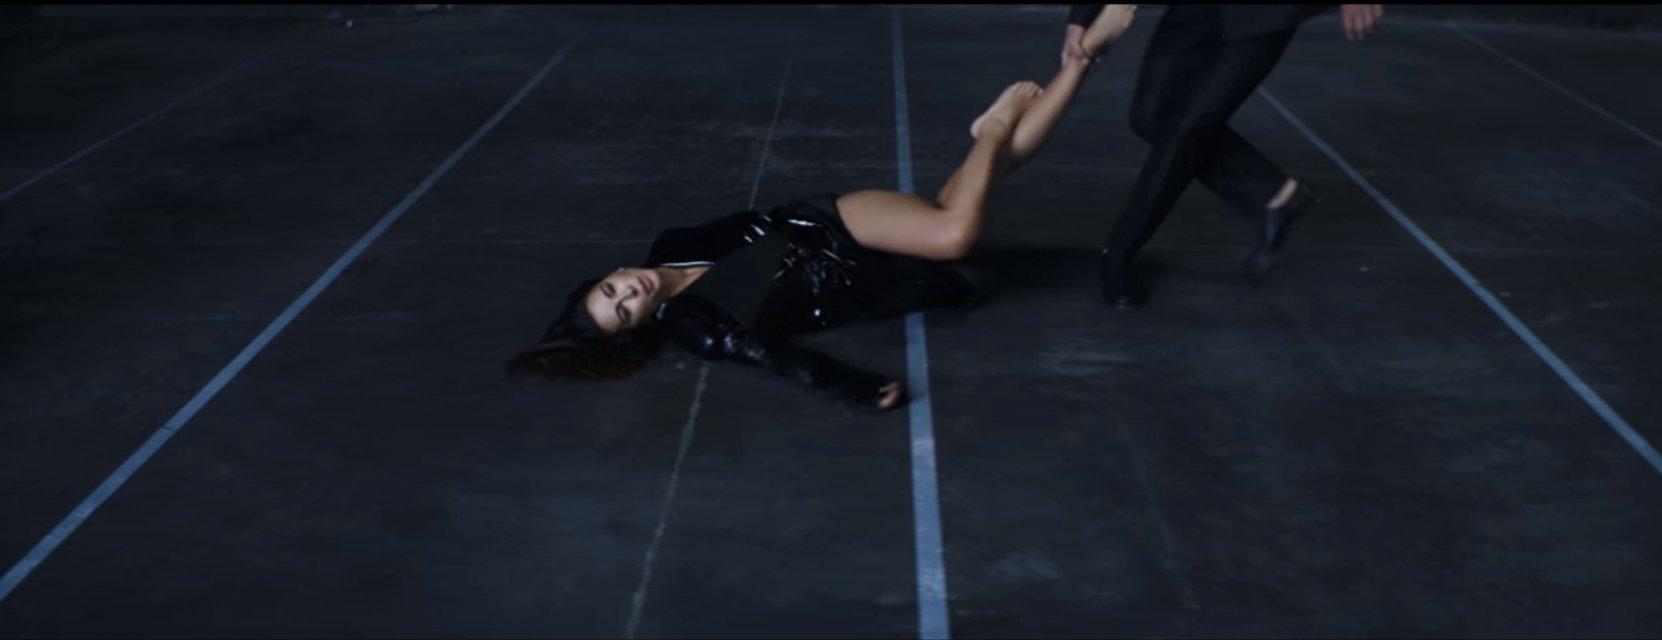 Бадоев представил Ани Лорак в бдсм-плаще и заплаканной в новом клипе - фото 51950